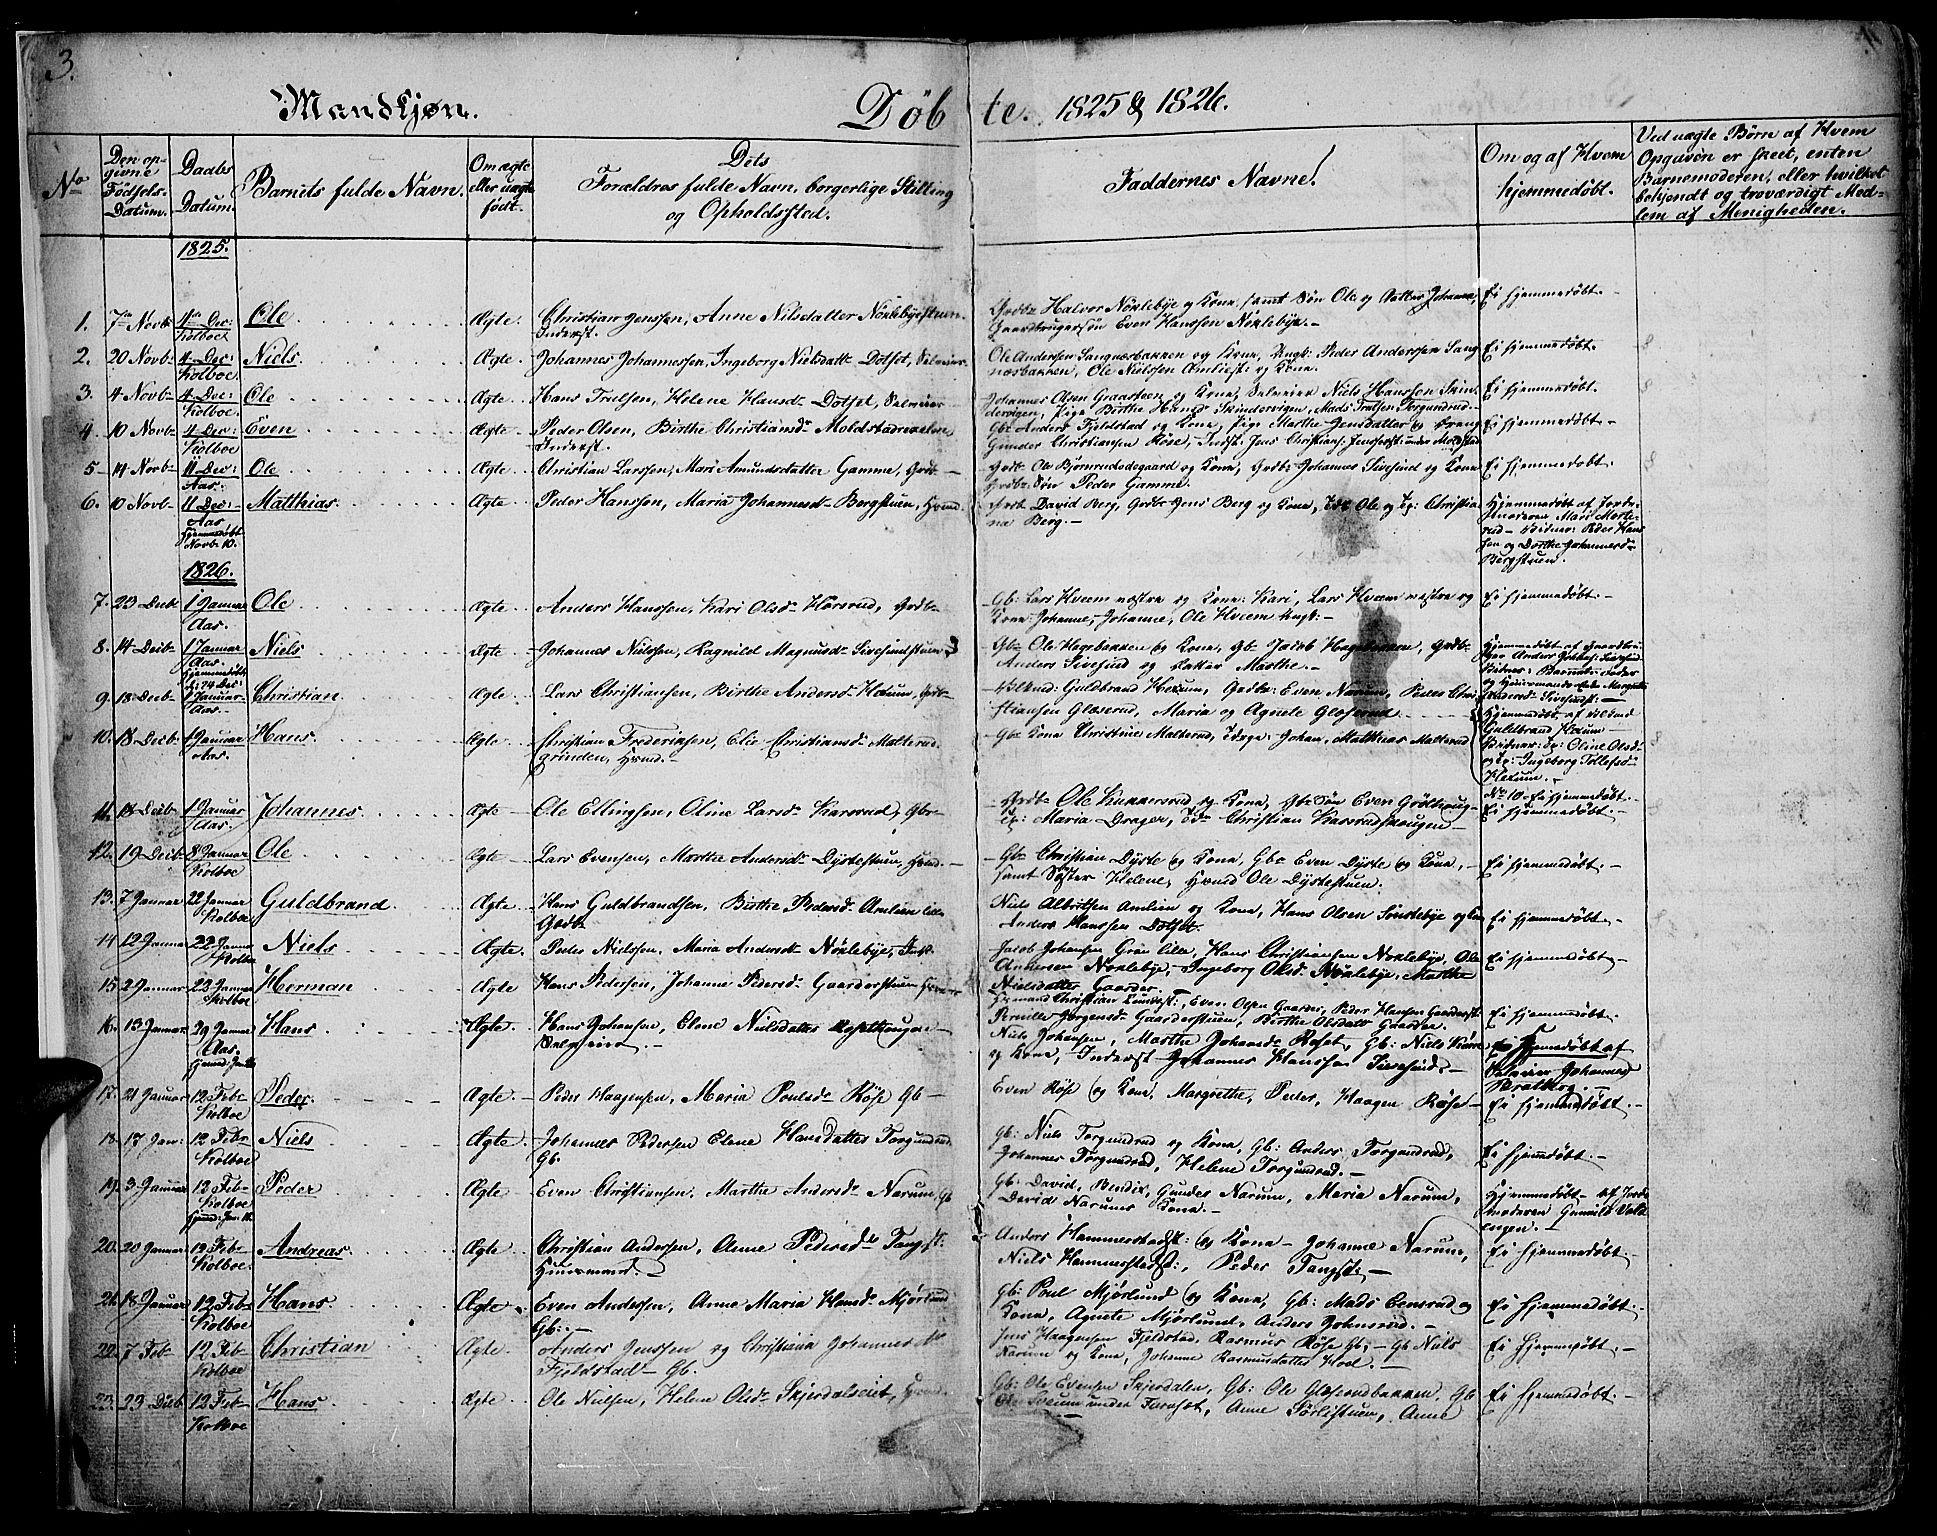 SAH, Vestre Toten prestekontor, Ministerialbok nr. 2, 1825-1837, s. 3